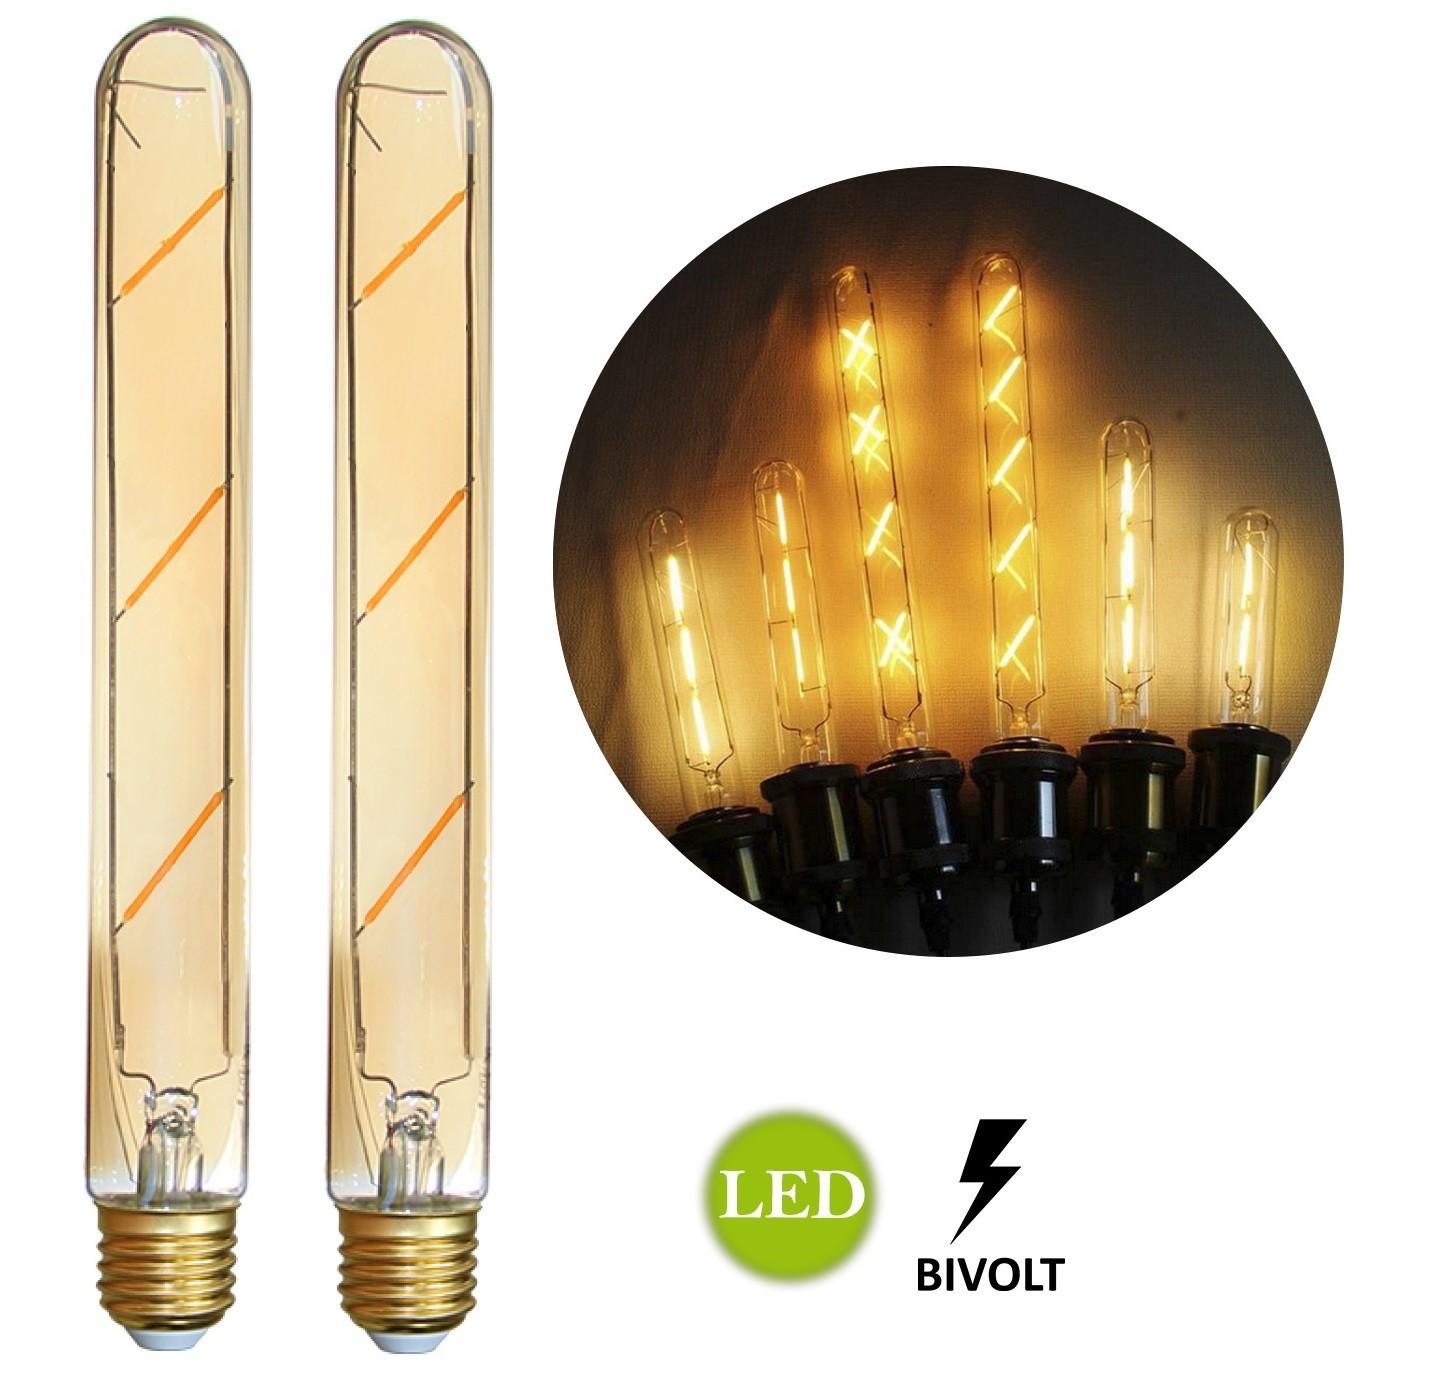 2 Lâmpadas de Filamento LED T185 4W Bivolt